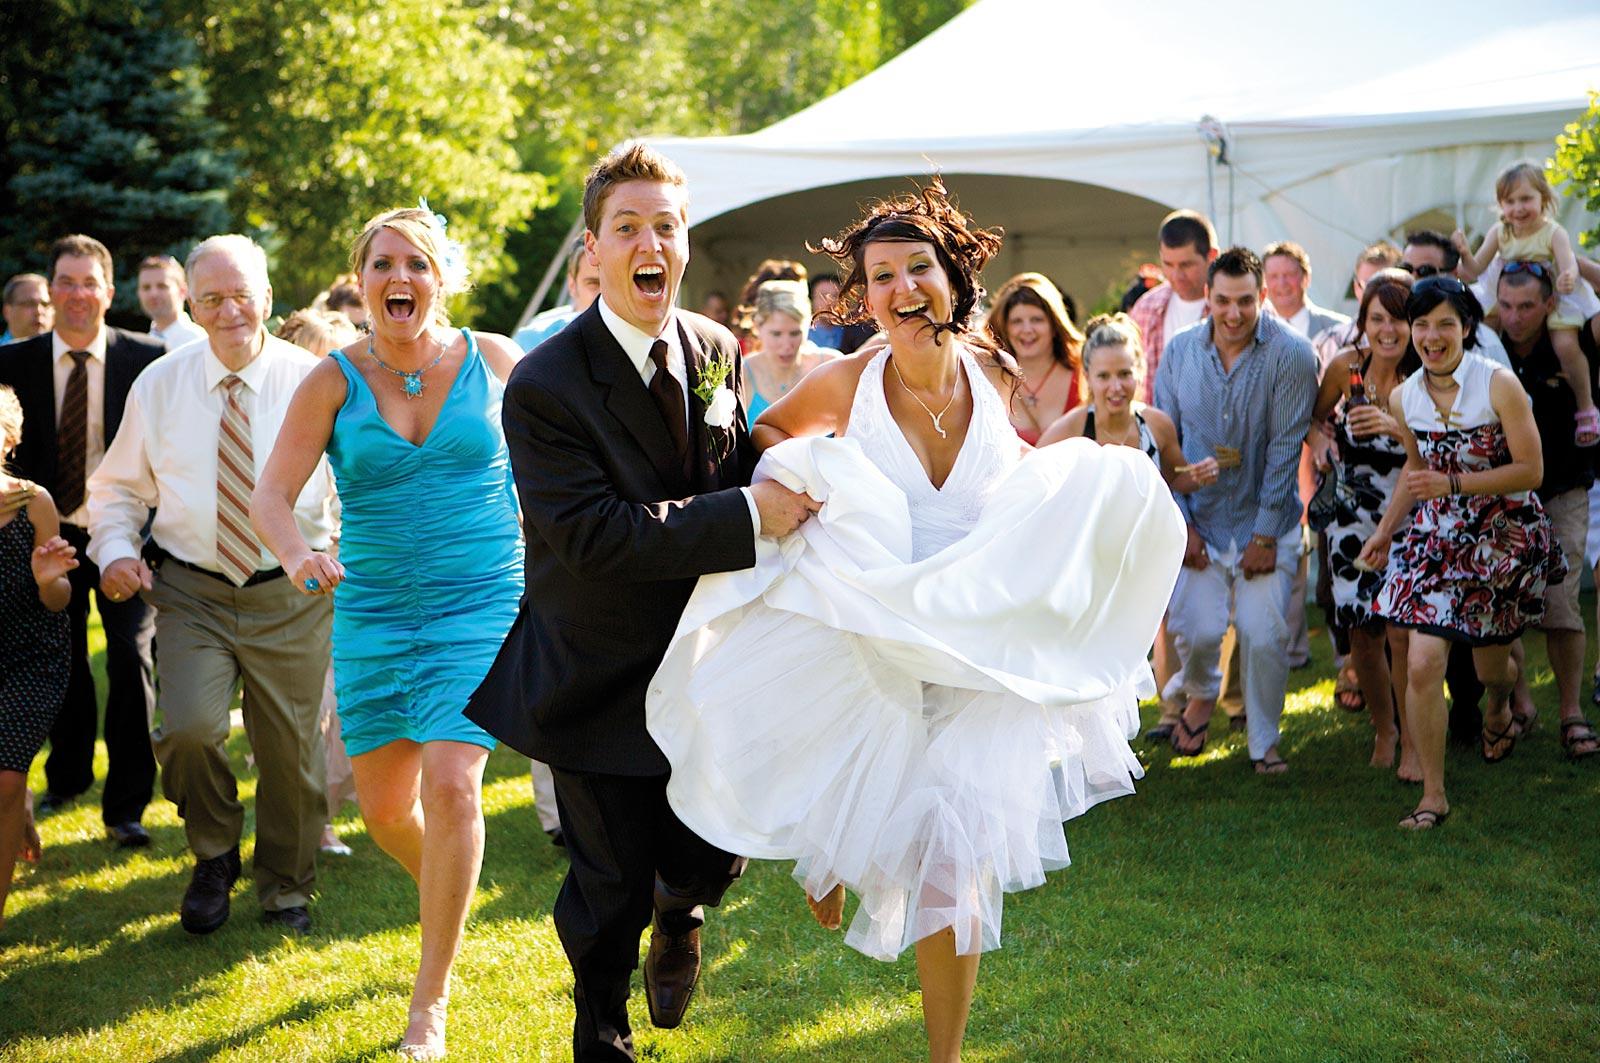 свадебные конкурсы для гостей прикольные видео смотреть онлайн